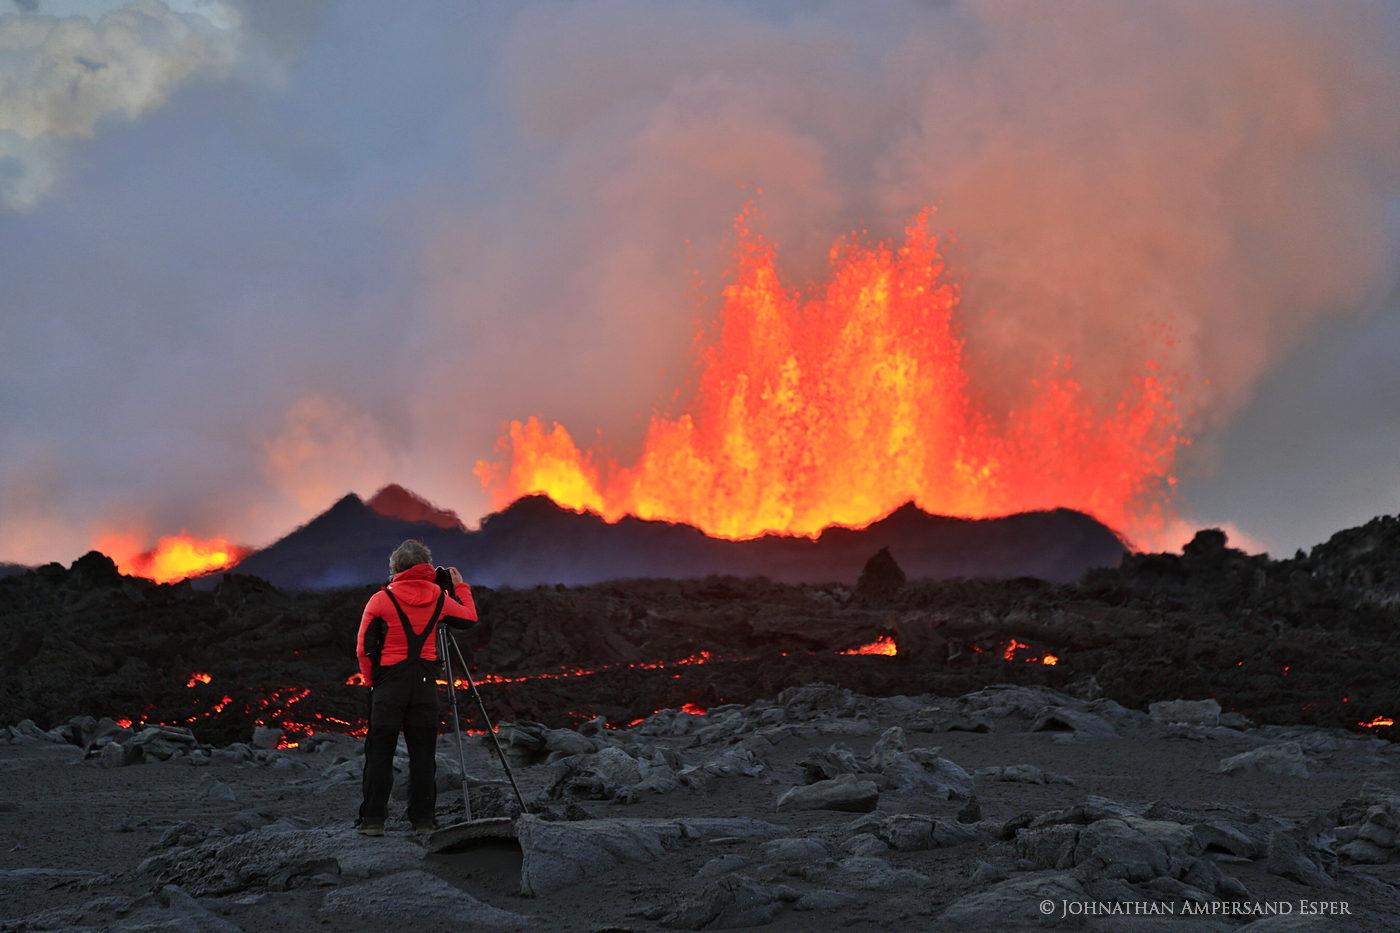 2014, Baugur, Bárðarbunga, Holuhraun, Iceland, crater, erupting, eruption, flow, lava, lava fountain, photo